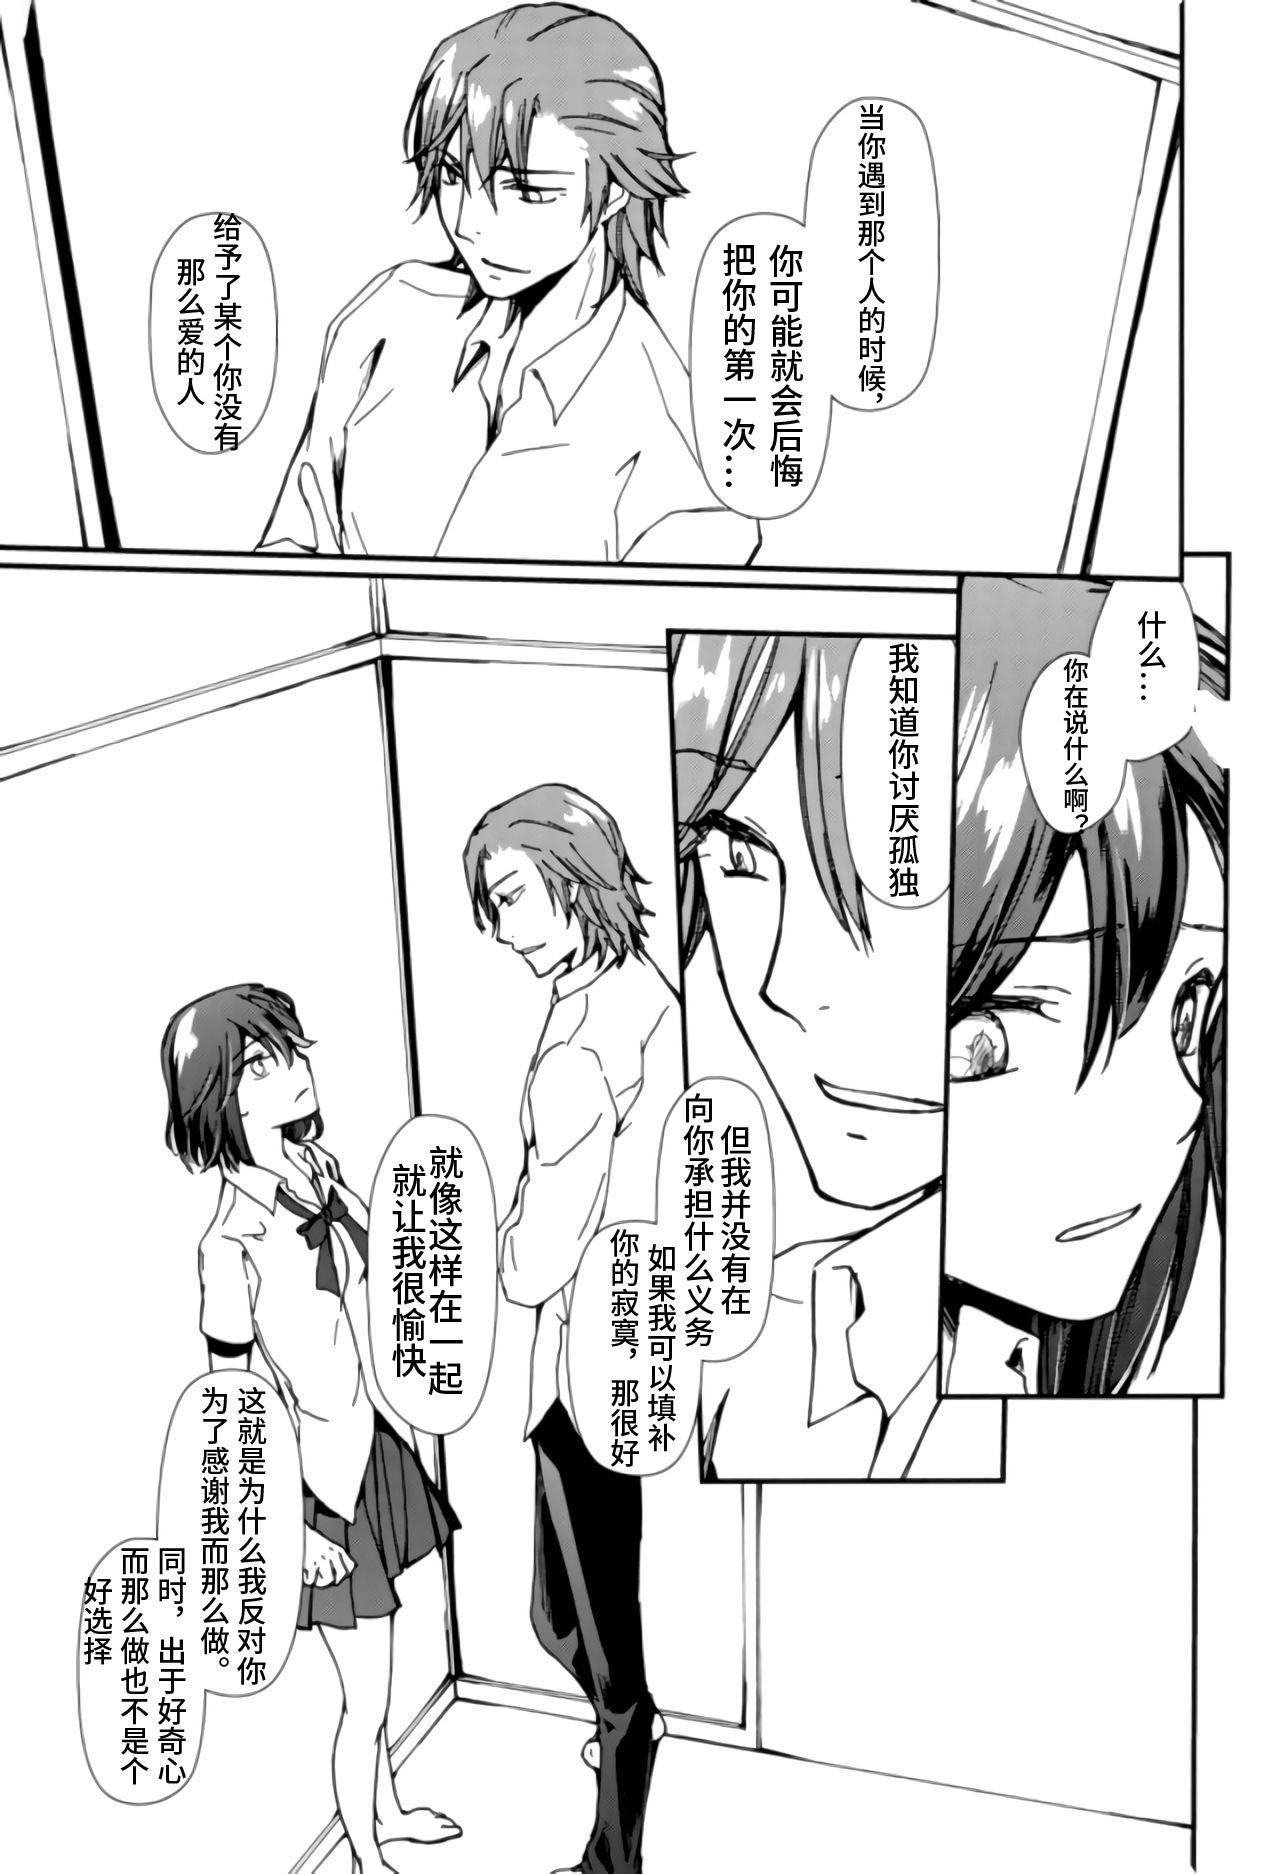 Sekai de Ichiban Kimi ga Suki 16